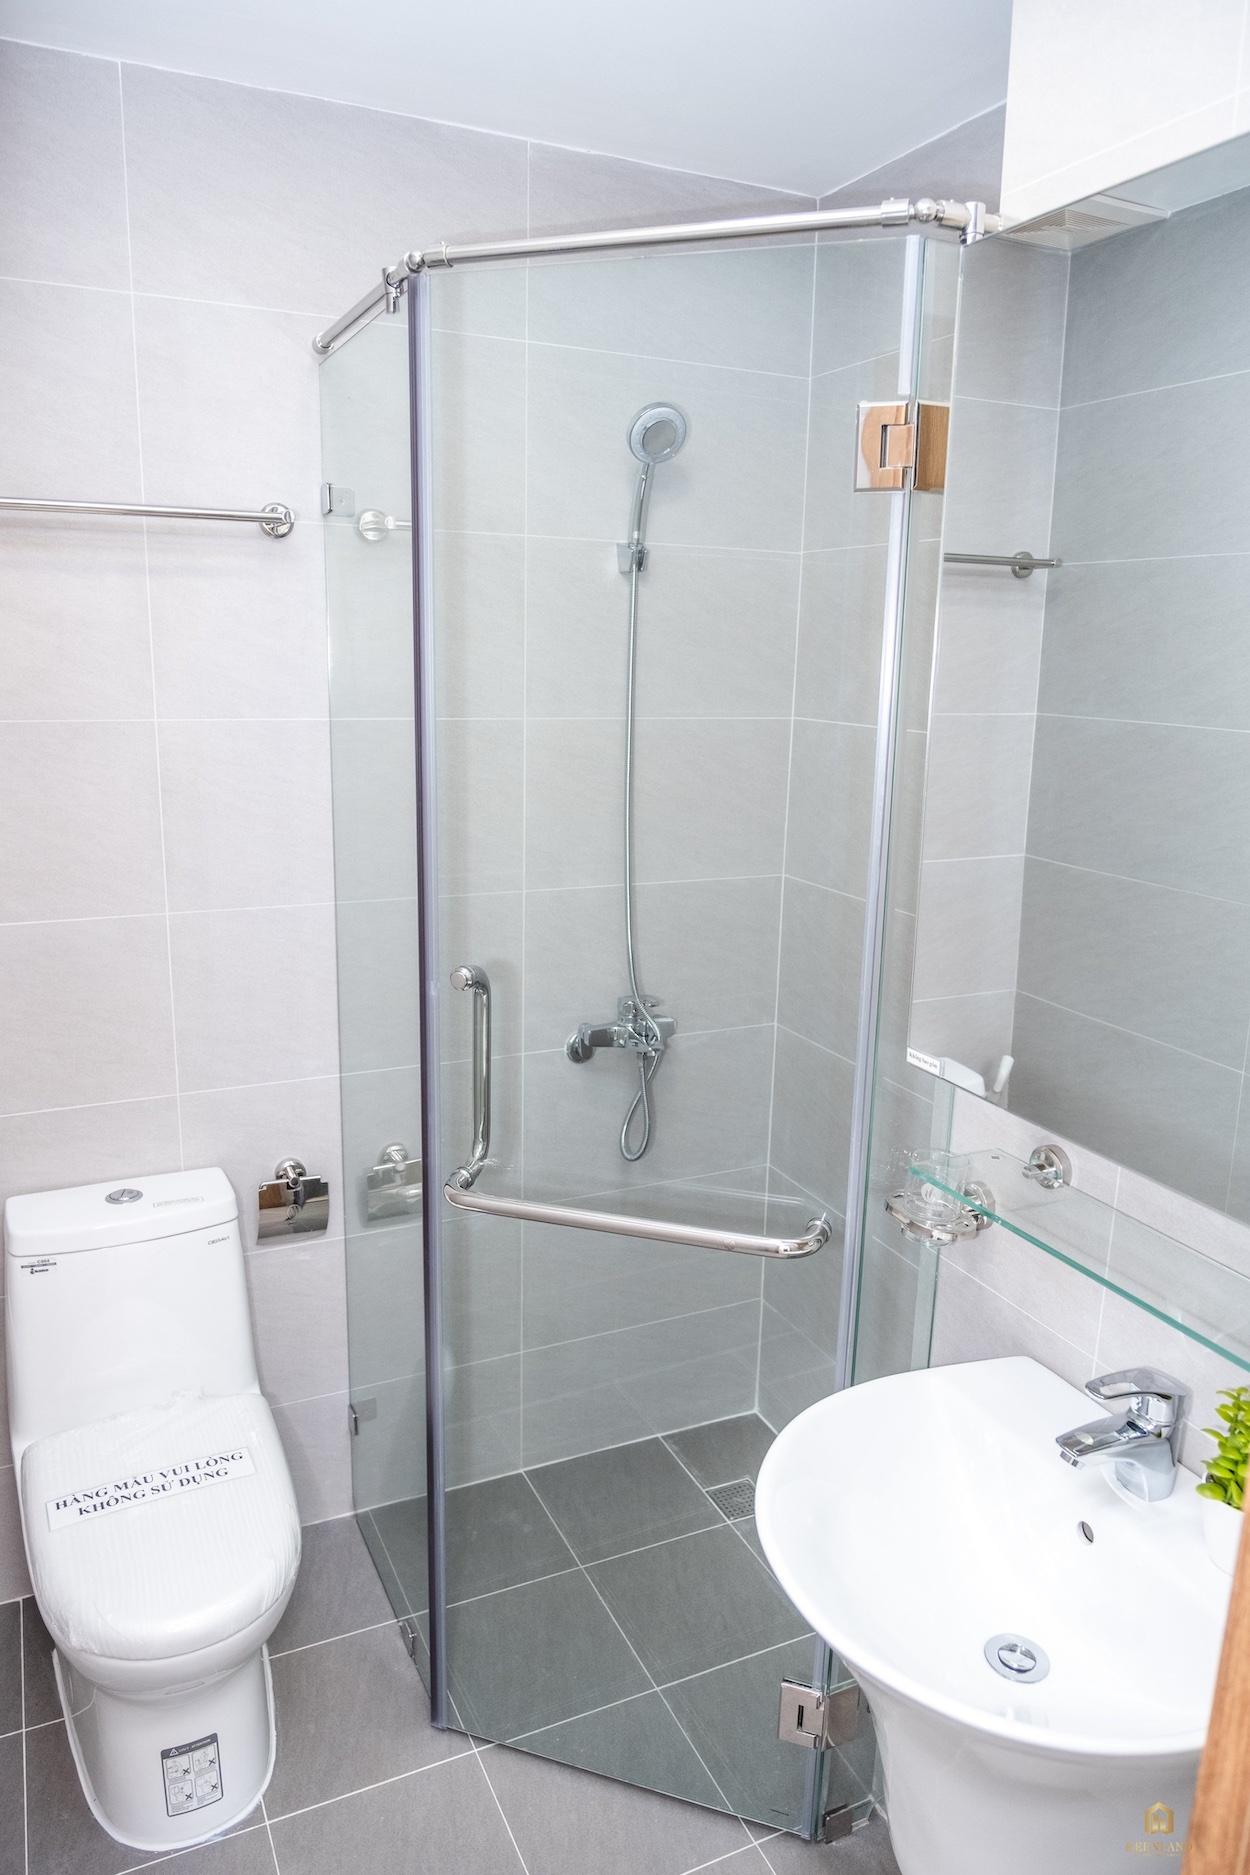 Nhà vệ sinh nhà mẫu căn hộ Bcons Plaza Bình Dương